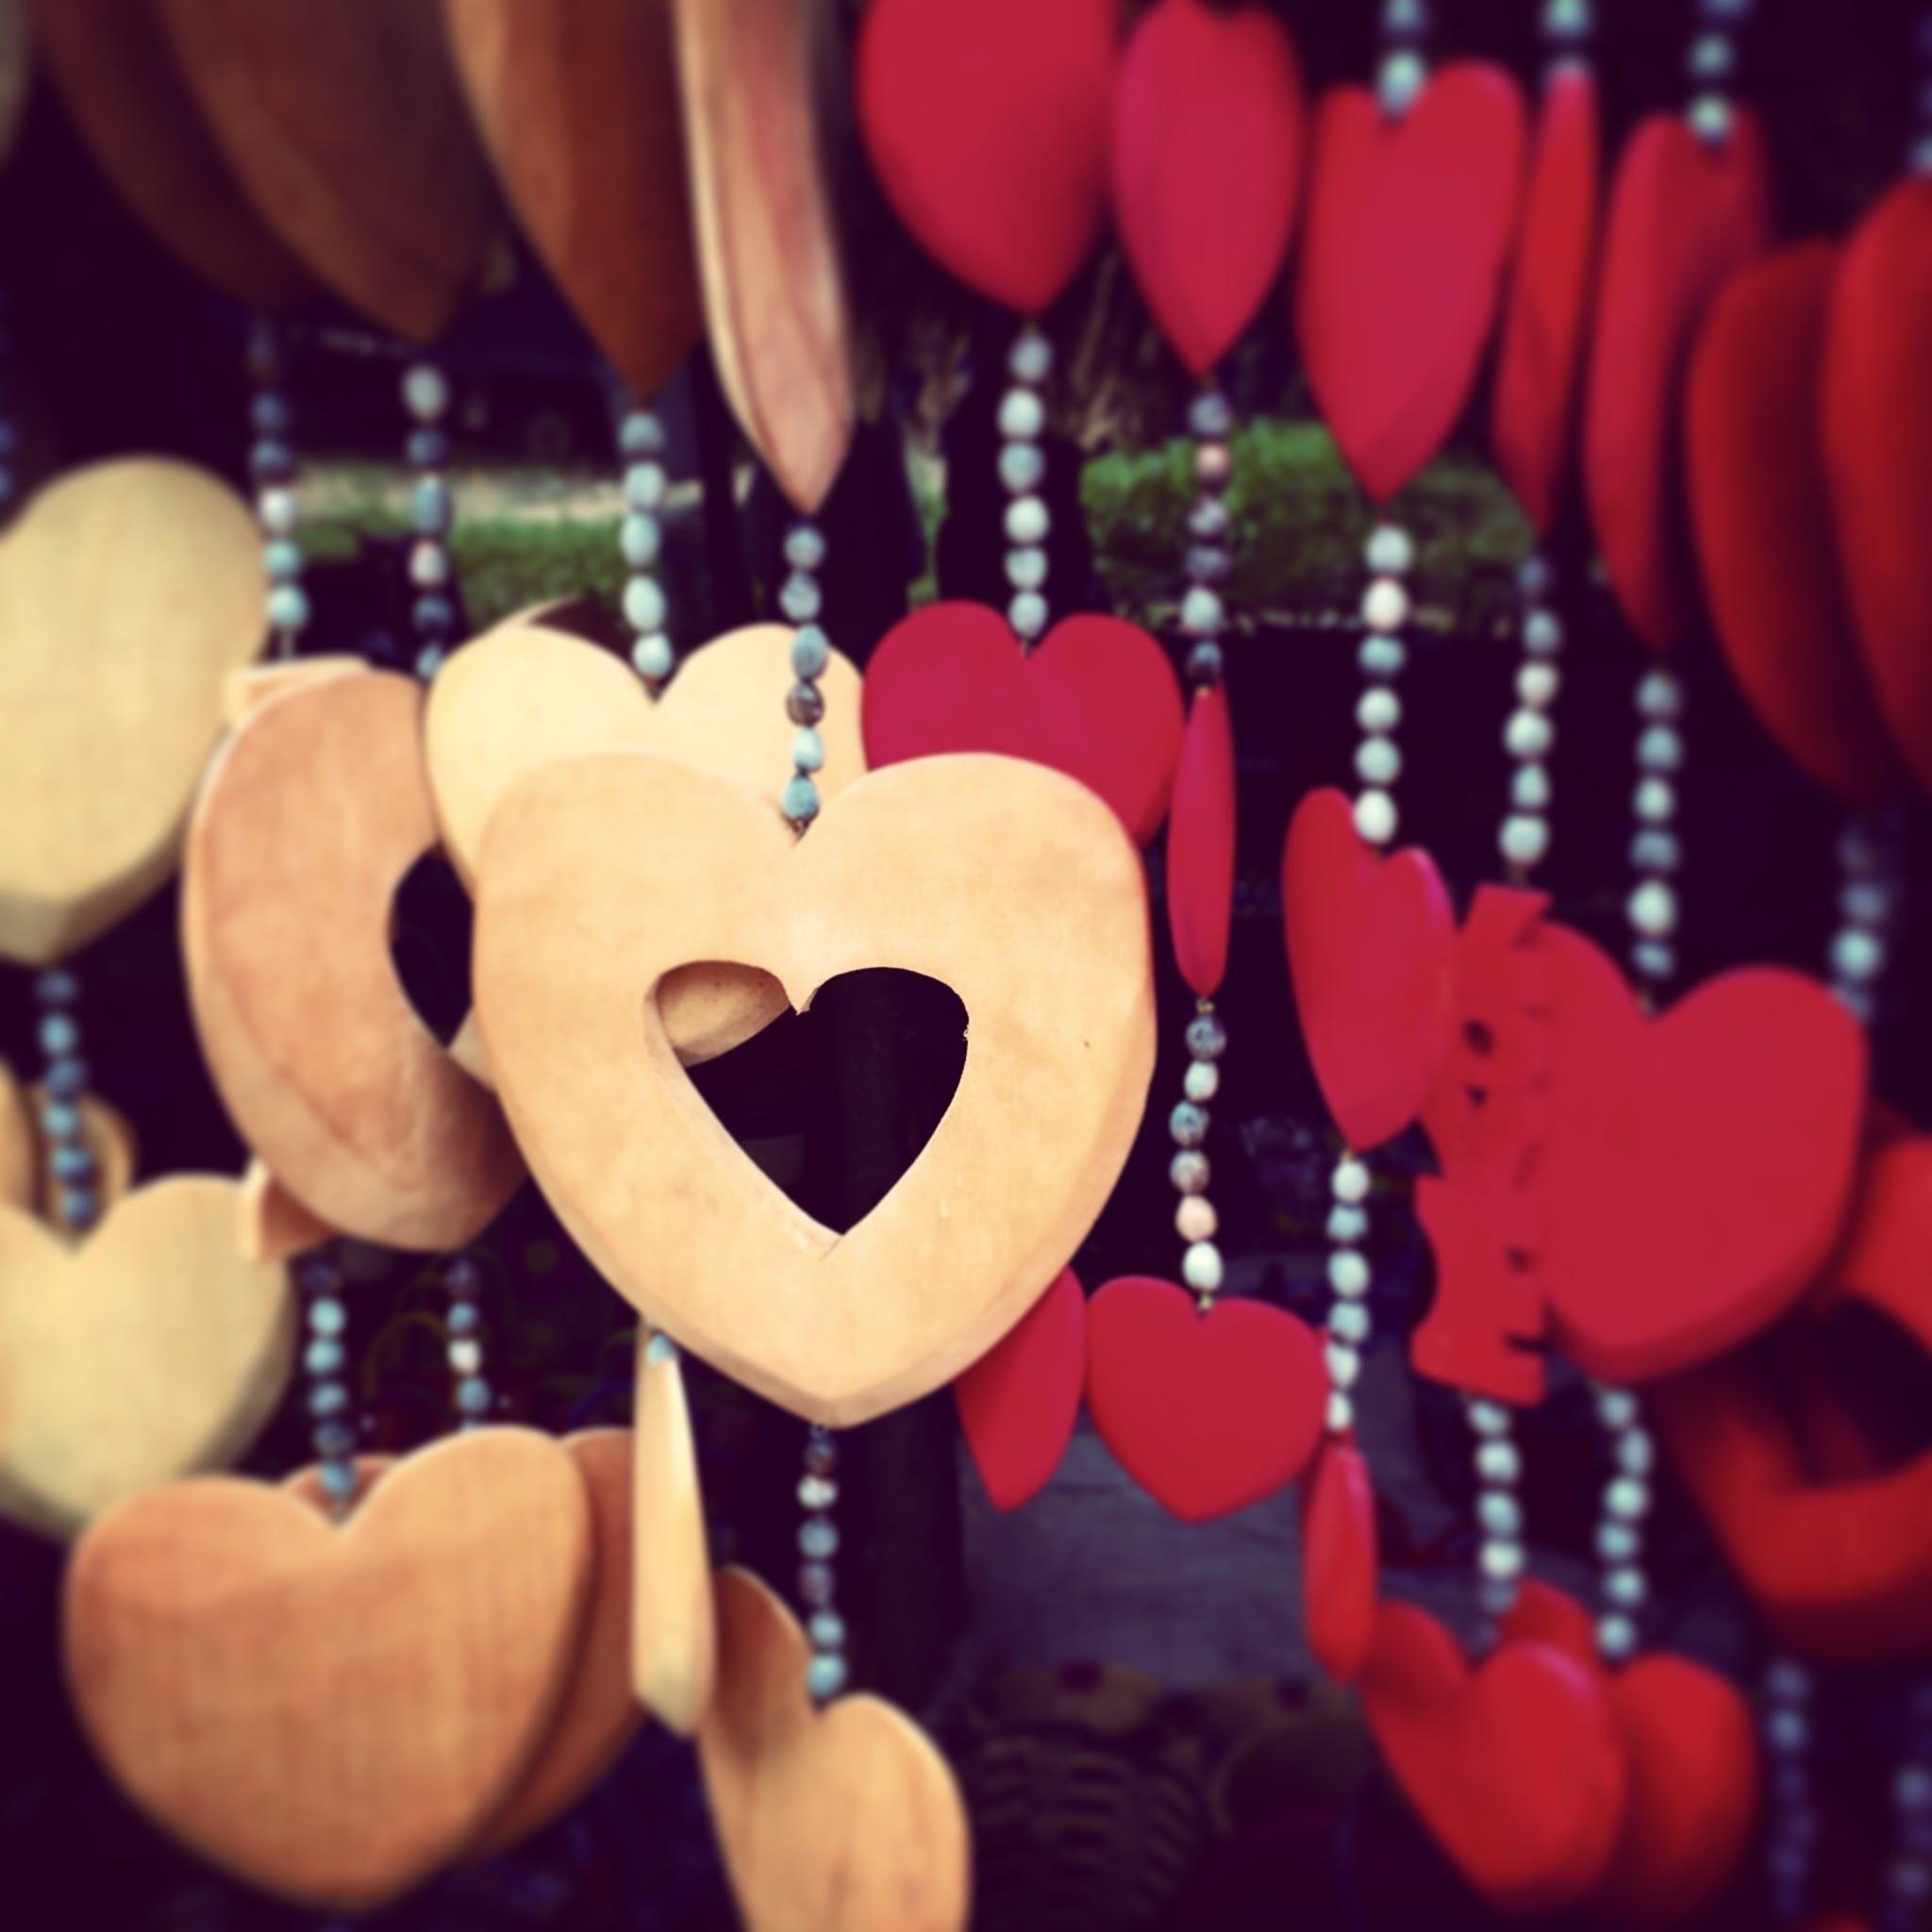 心, 心形, 心臟